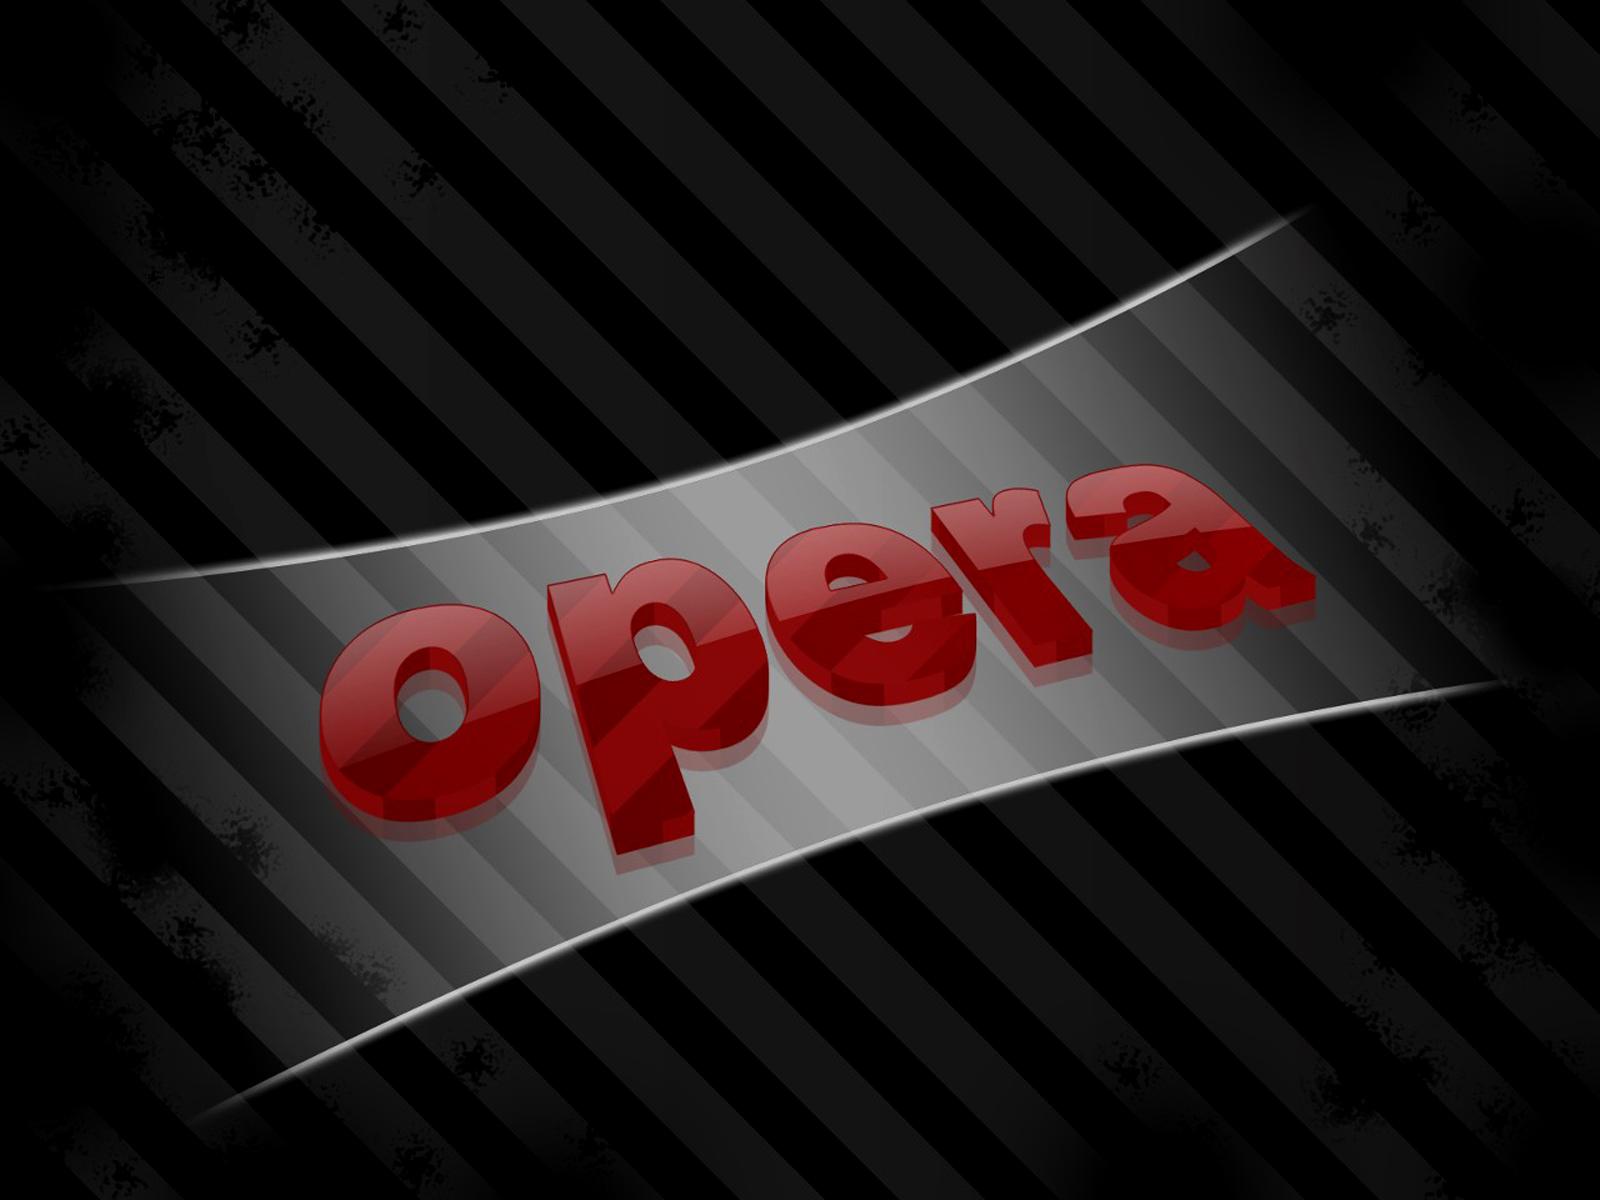 http://1.bp.blogspot.com/-4Z_YxvMGvtw/Tm-2YVSCPJI/AAAAAAAAC_c/Nm-4BzVJtLg/s1600/Opera_HD_Logo_Dark_Wallpaper_Vvallpaper.Net.jpg